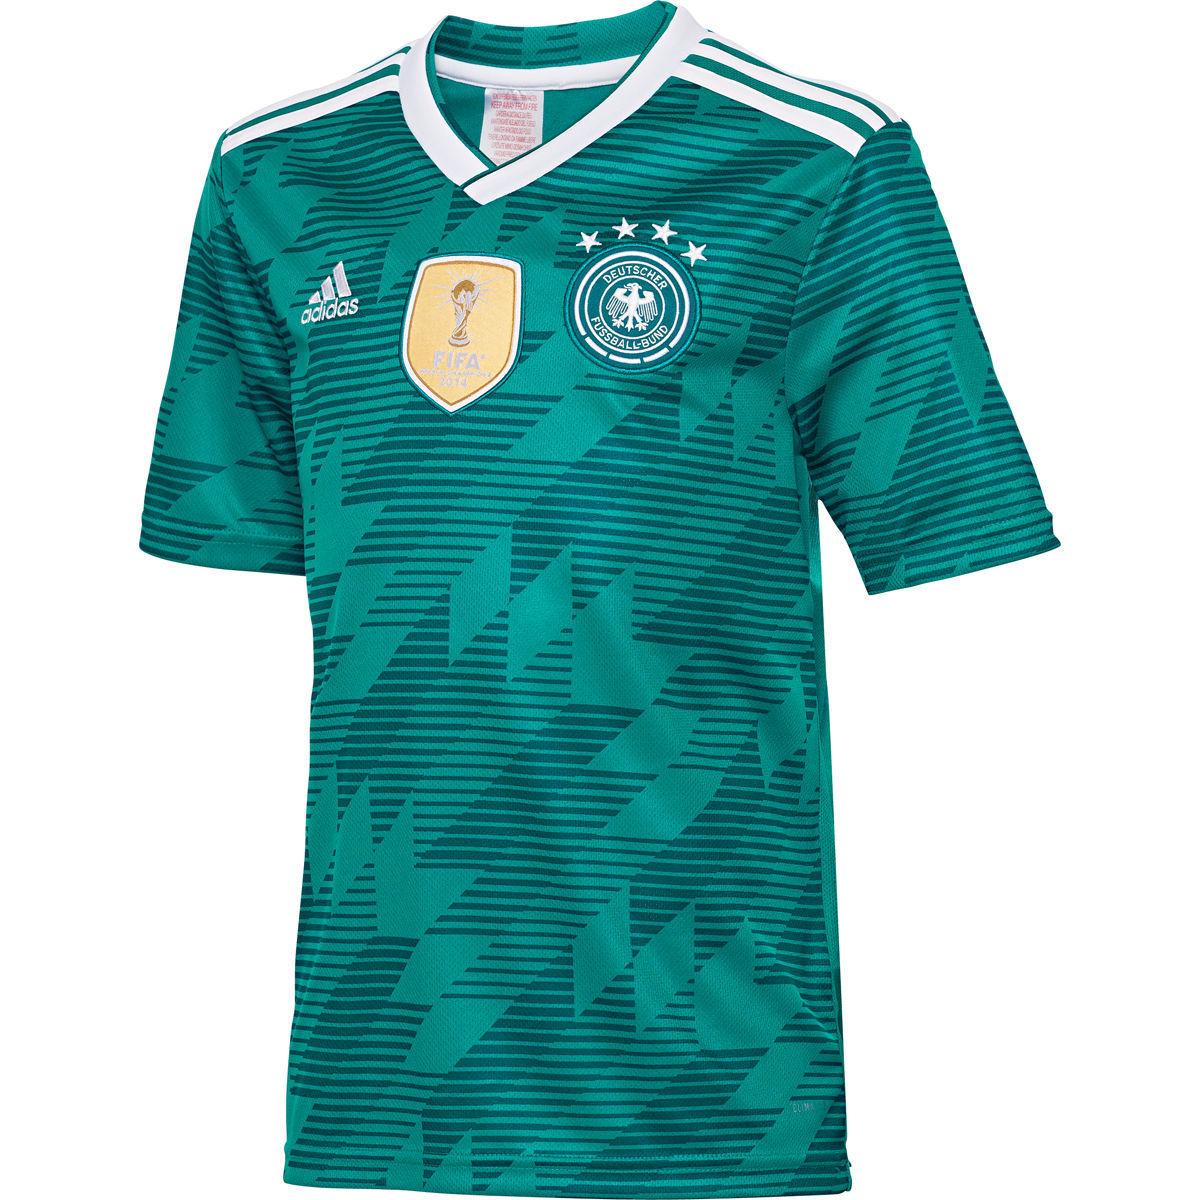 2 DFB Trikots (wahlweise Damen/Herren Auswärts- oder Heimtrikot) für 100.- EUR + Cashback  Funktioniert auch mit Trikots anderer Nationalmannschaften